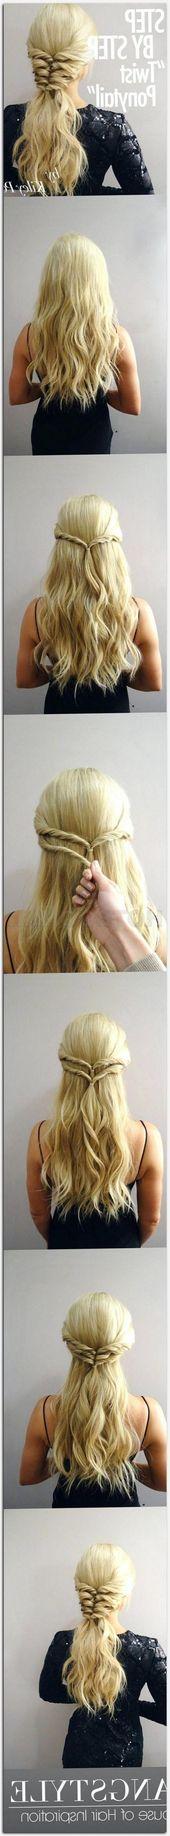 VISIT FOR MORE Frisuren der Frauen kurz mittlerer Schnitt mit Pony kurzer Haars –  – #Kurzhaarfrisuren